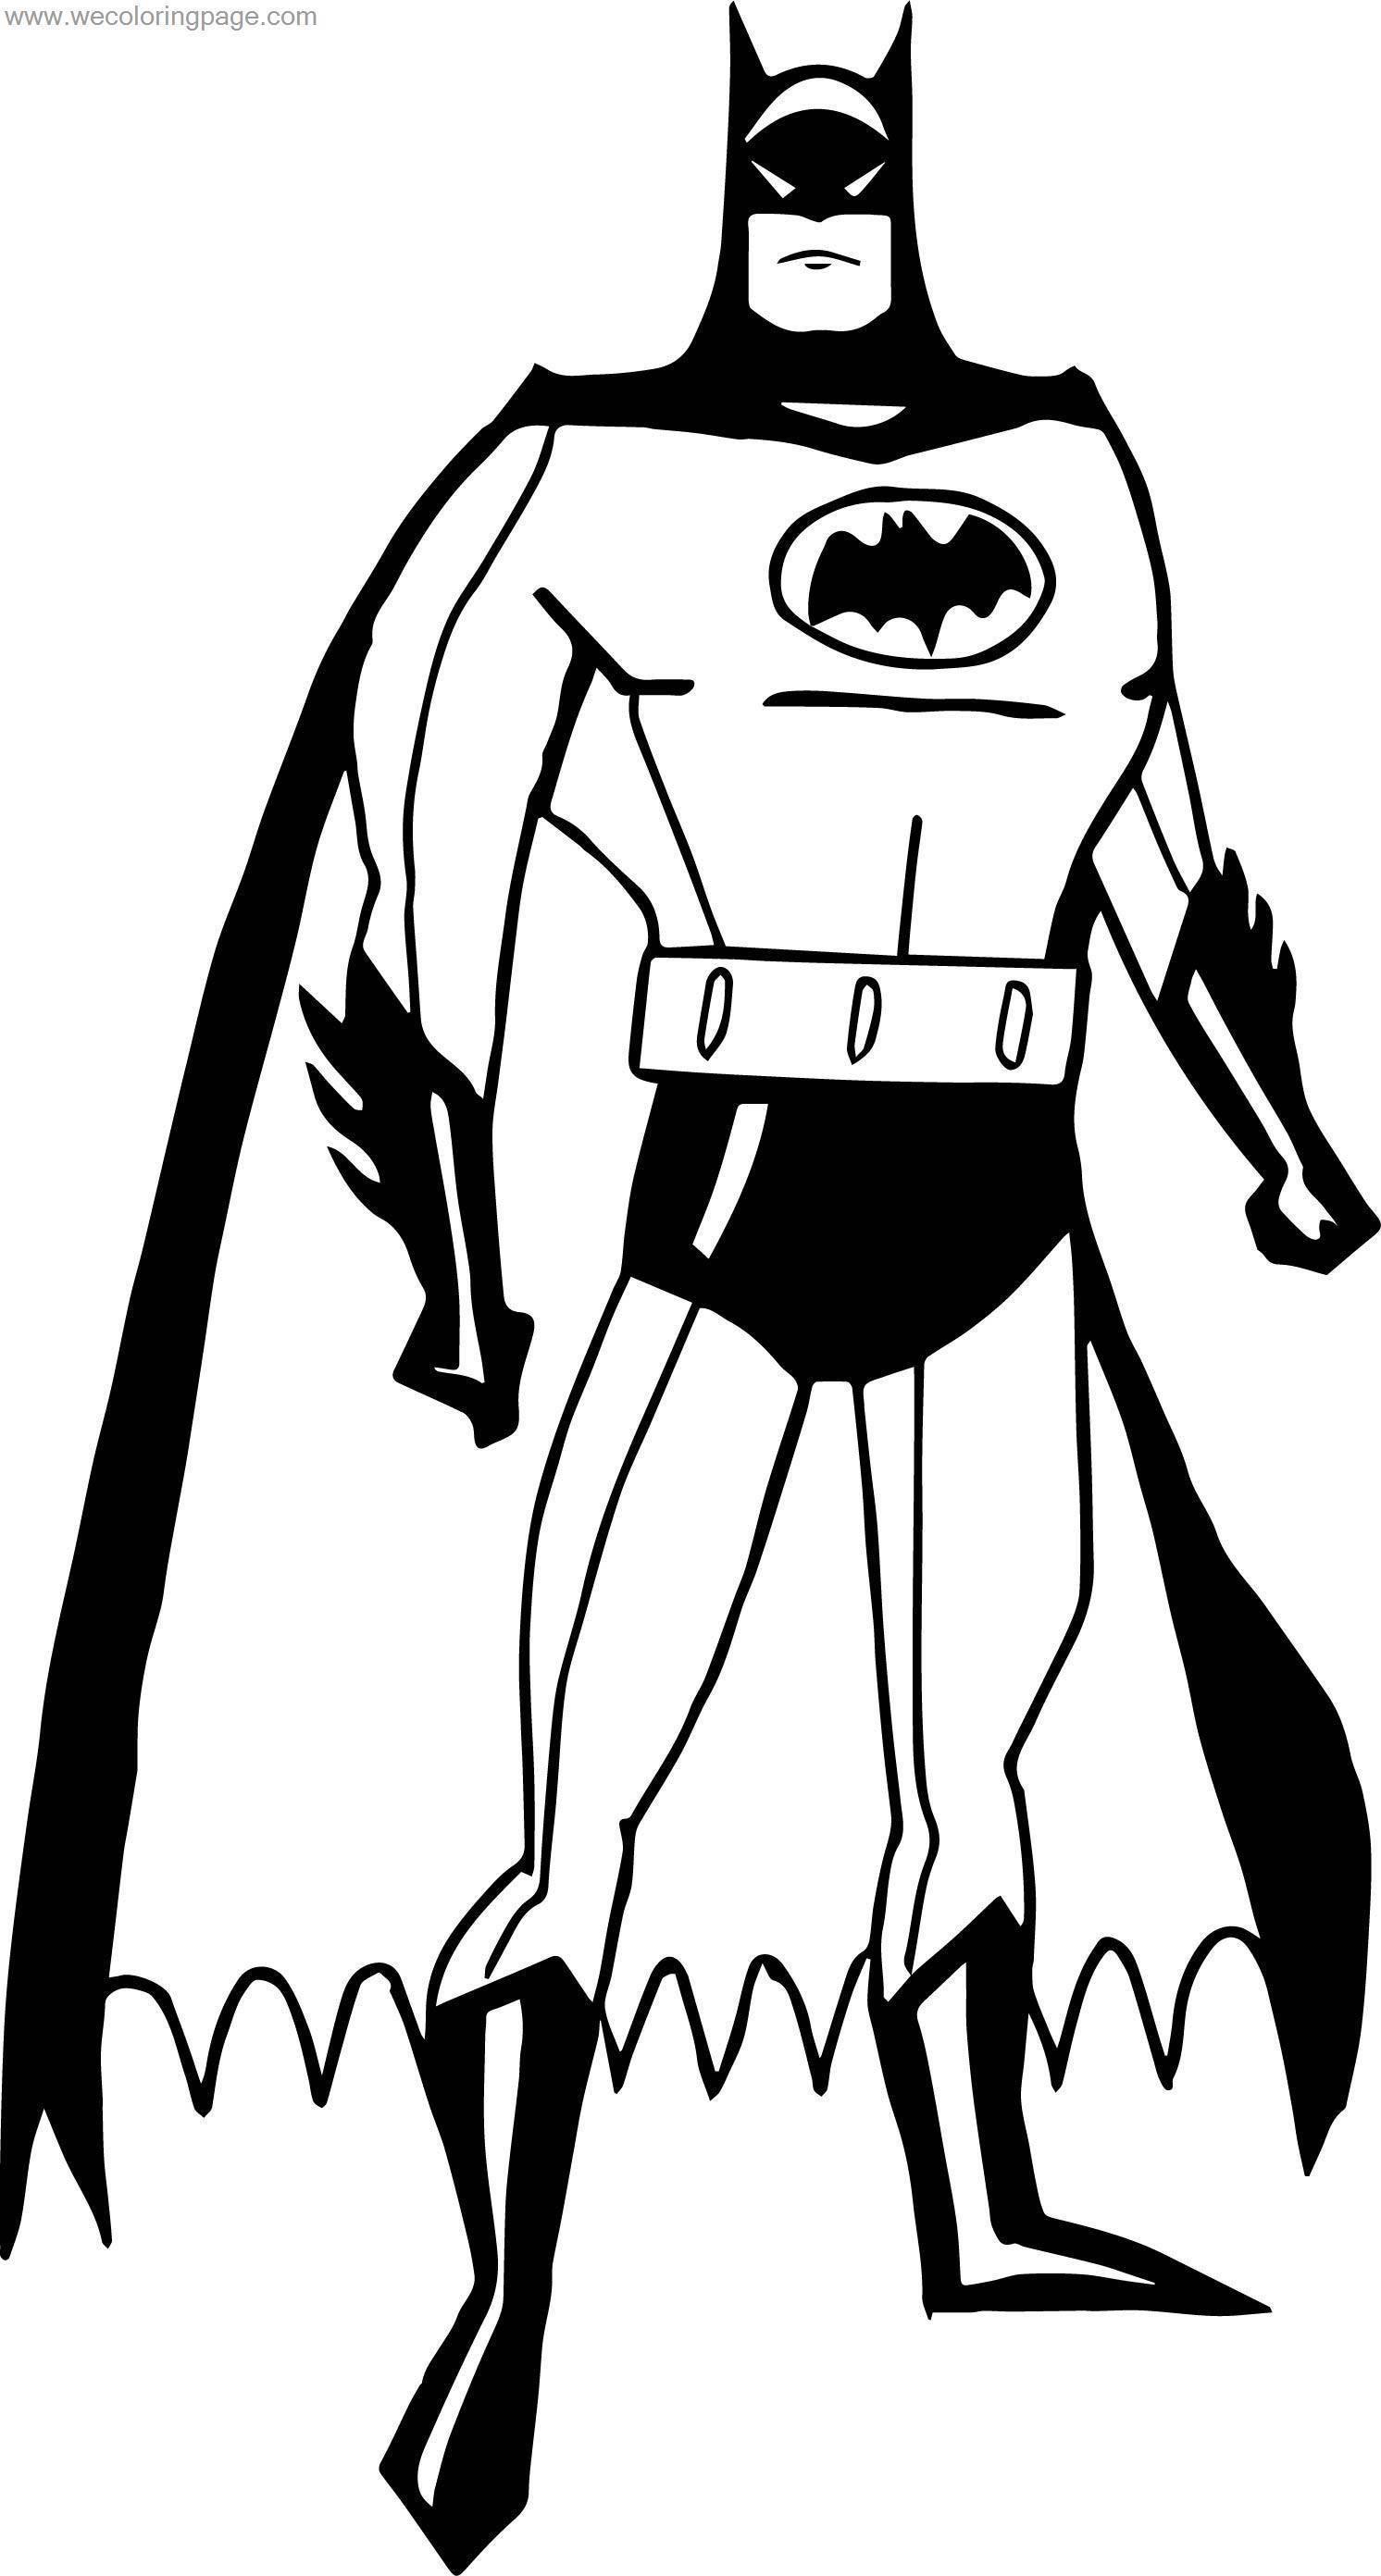 When Batman Coloring Page